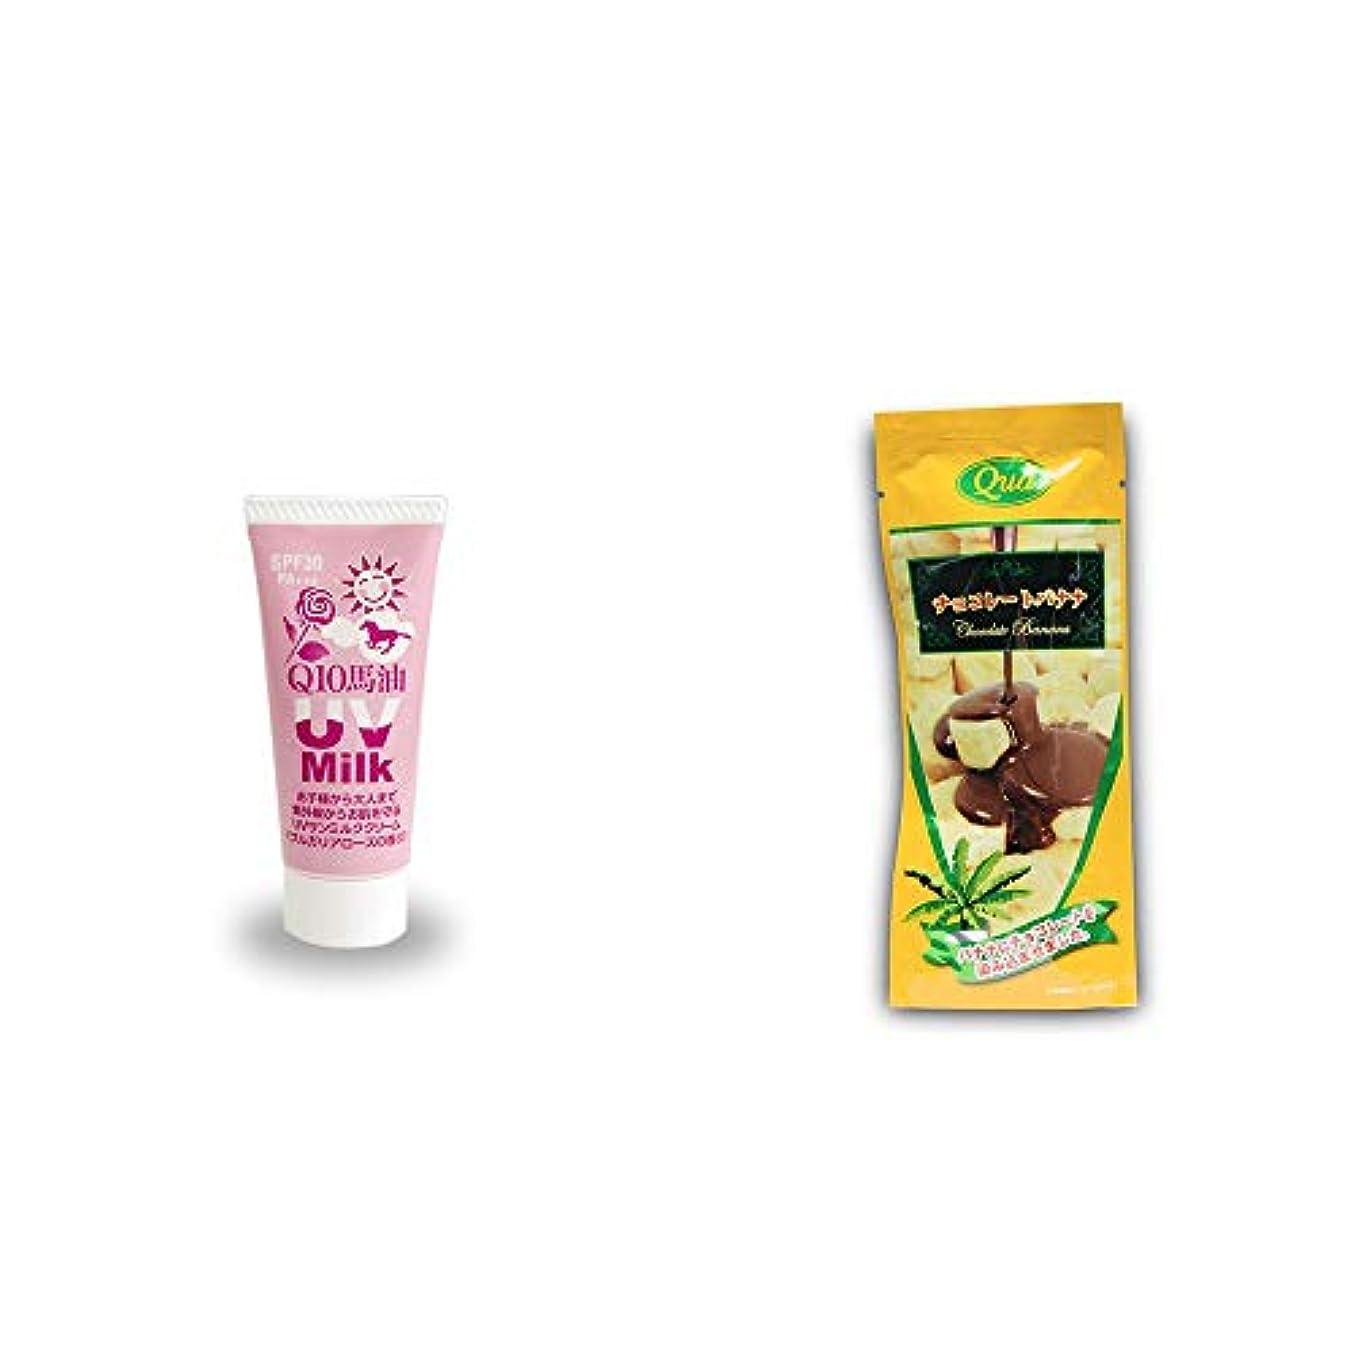 忠実なケージ港[2点セット] 炭黒泉 Q10馬油 UVサンミルク[ブルガリアローズ](40g)?フリーズドライ チョコレートバナナ(50g)